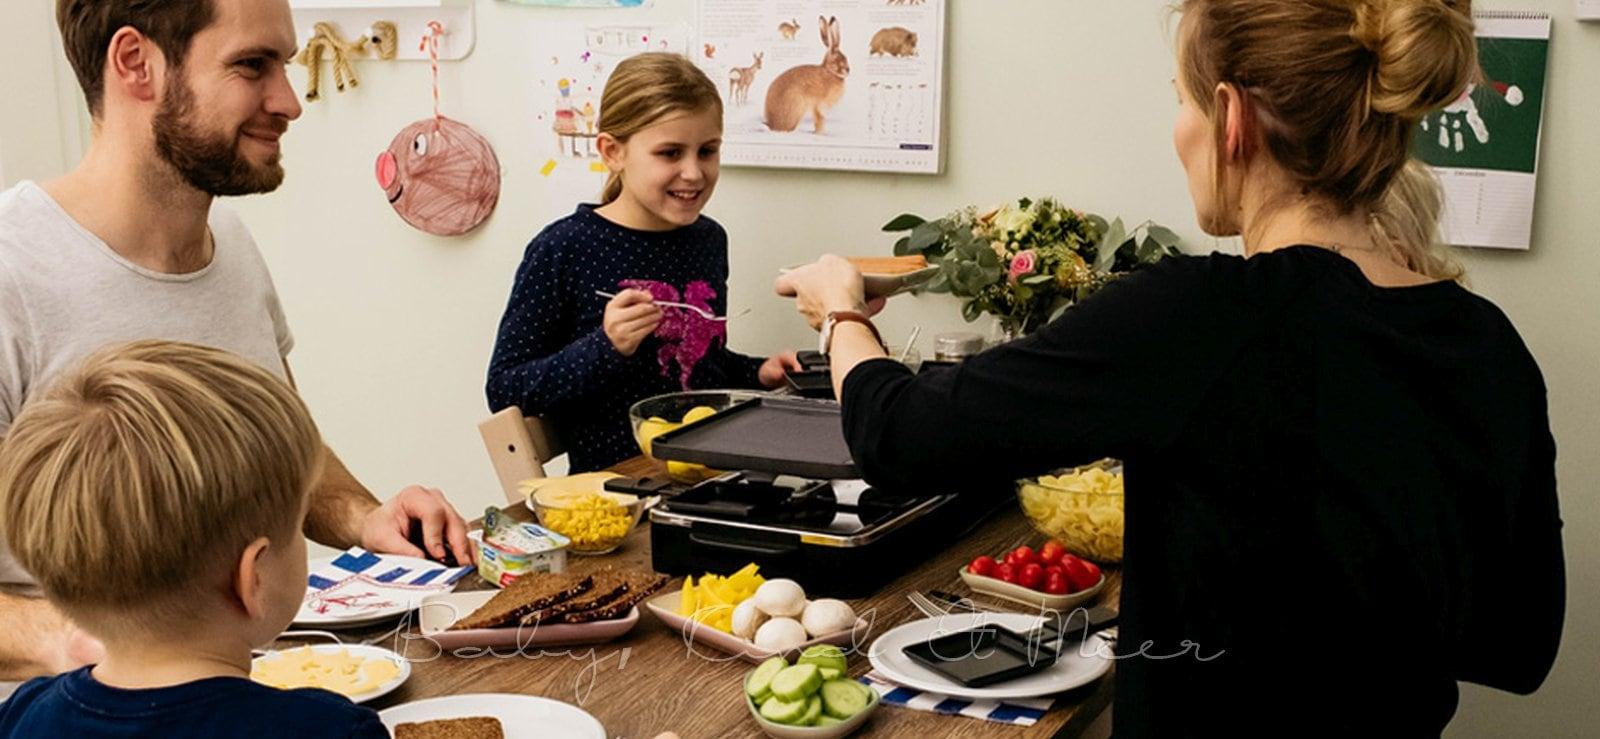 Raclette als Familie 1